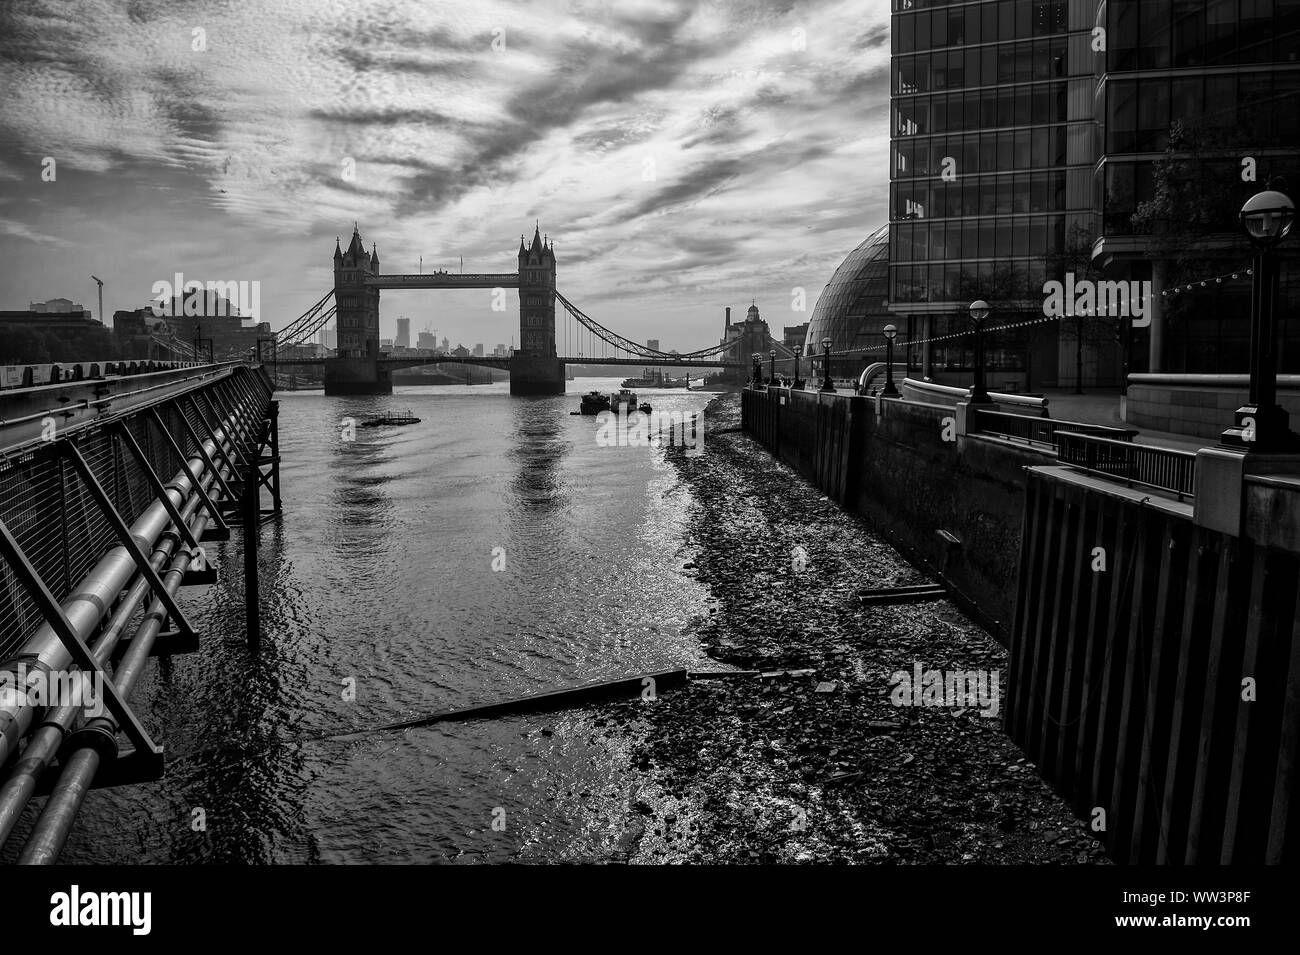 Silhouette monochrome classique vue sur le Tower Bridge à partir de la rive sud de la Tamise sur une marée basse matin à Londres, Angleterre, RU Banque D'Images